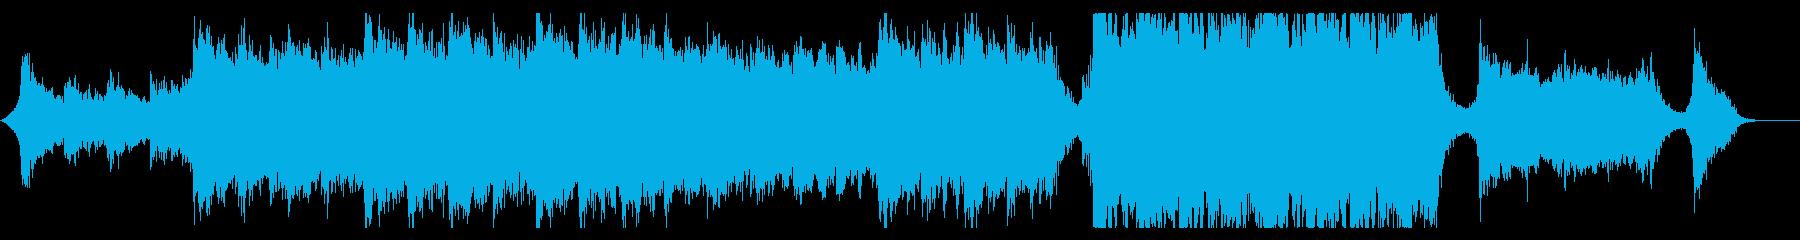 ハリウッド風壮大オーケストラ8B金管抜きの再生済みの波形